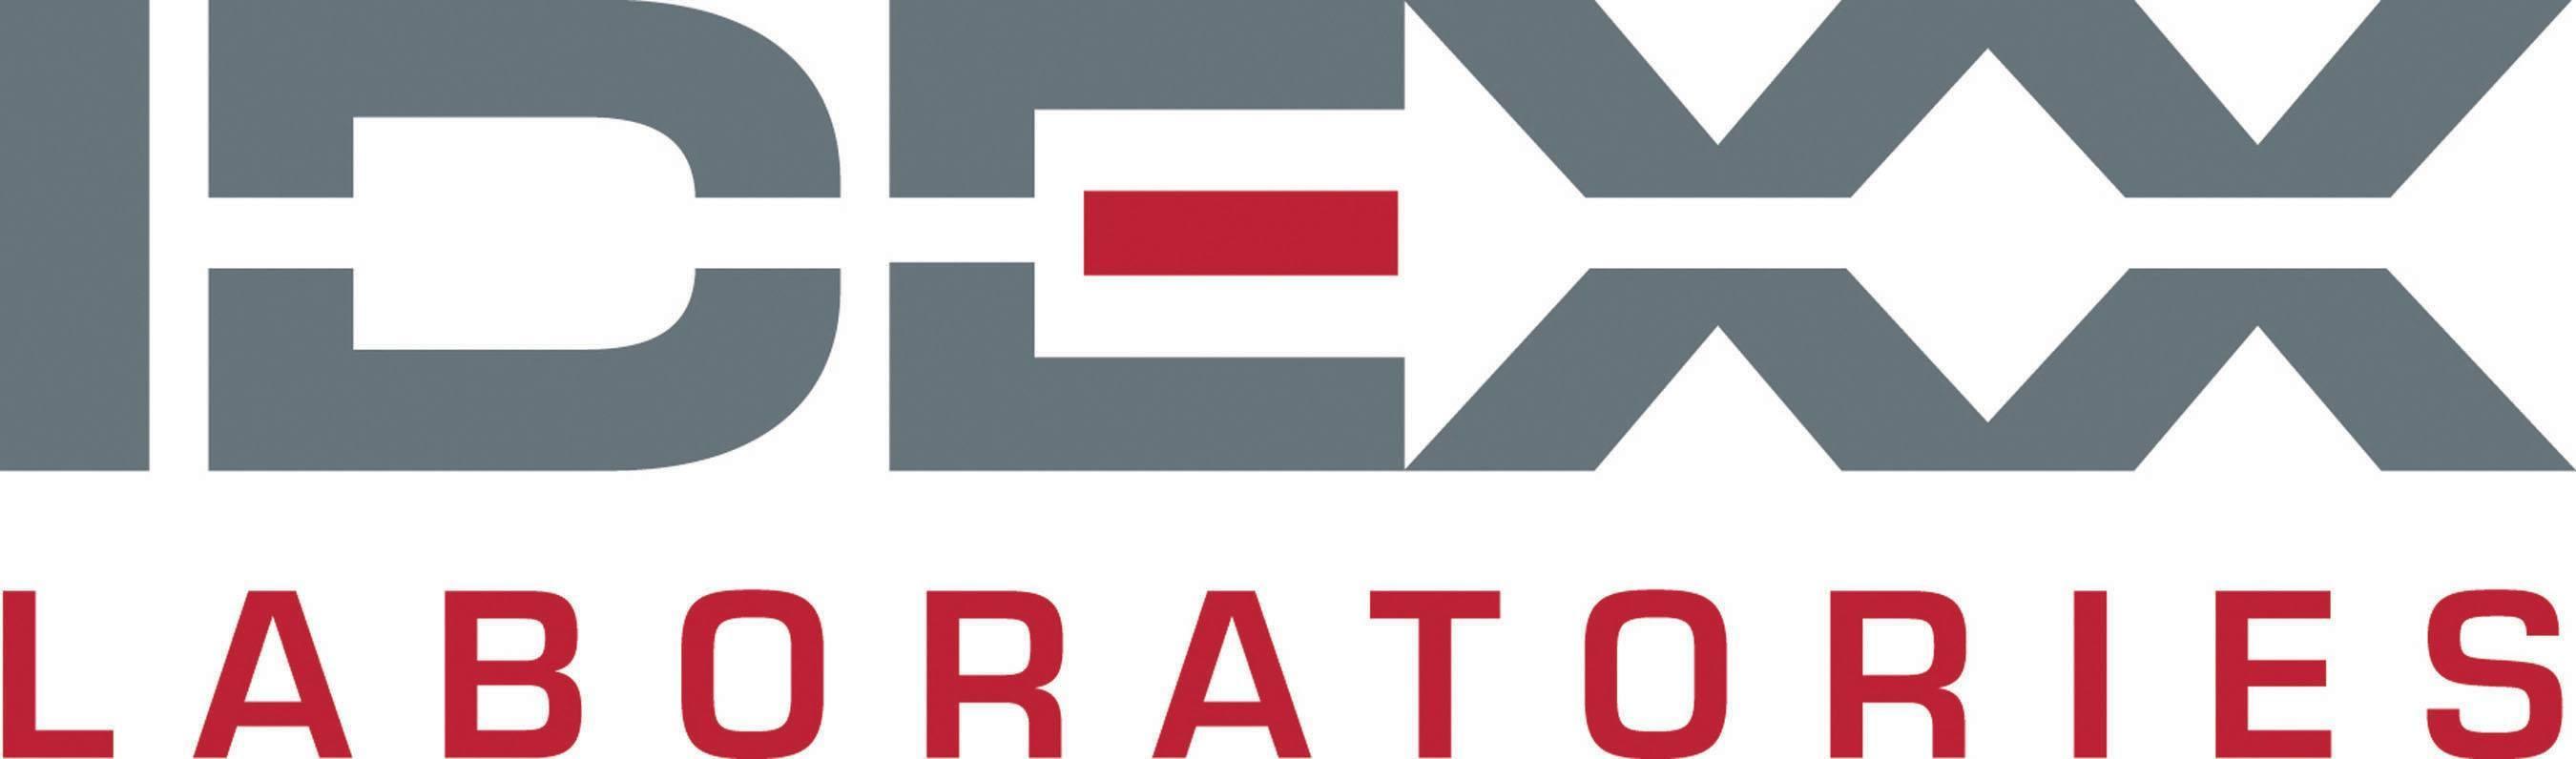 idexx-laboratories